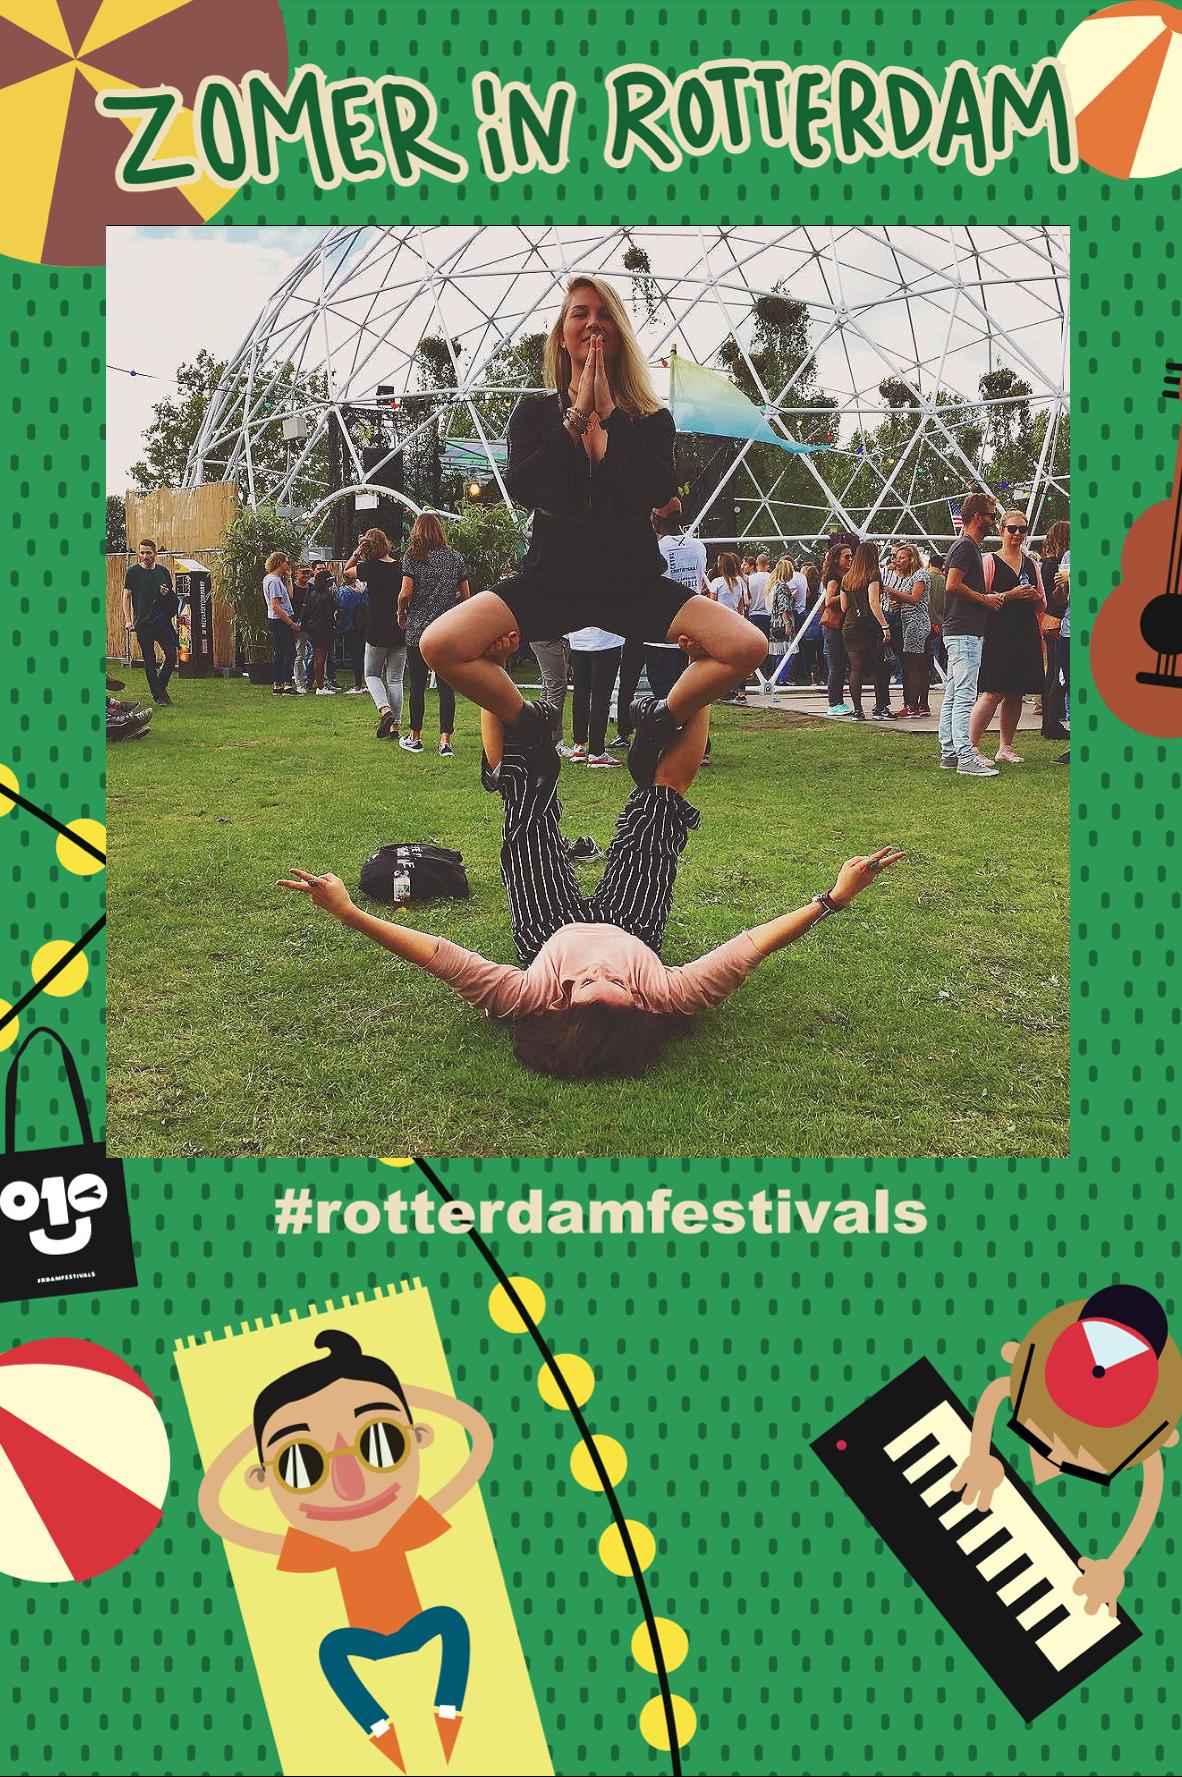 rotterdamfestivals_thehashtagbike3.png